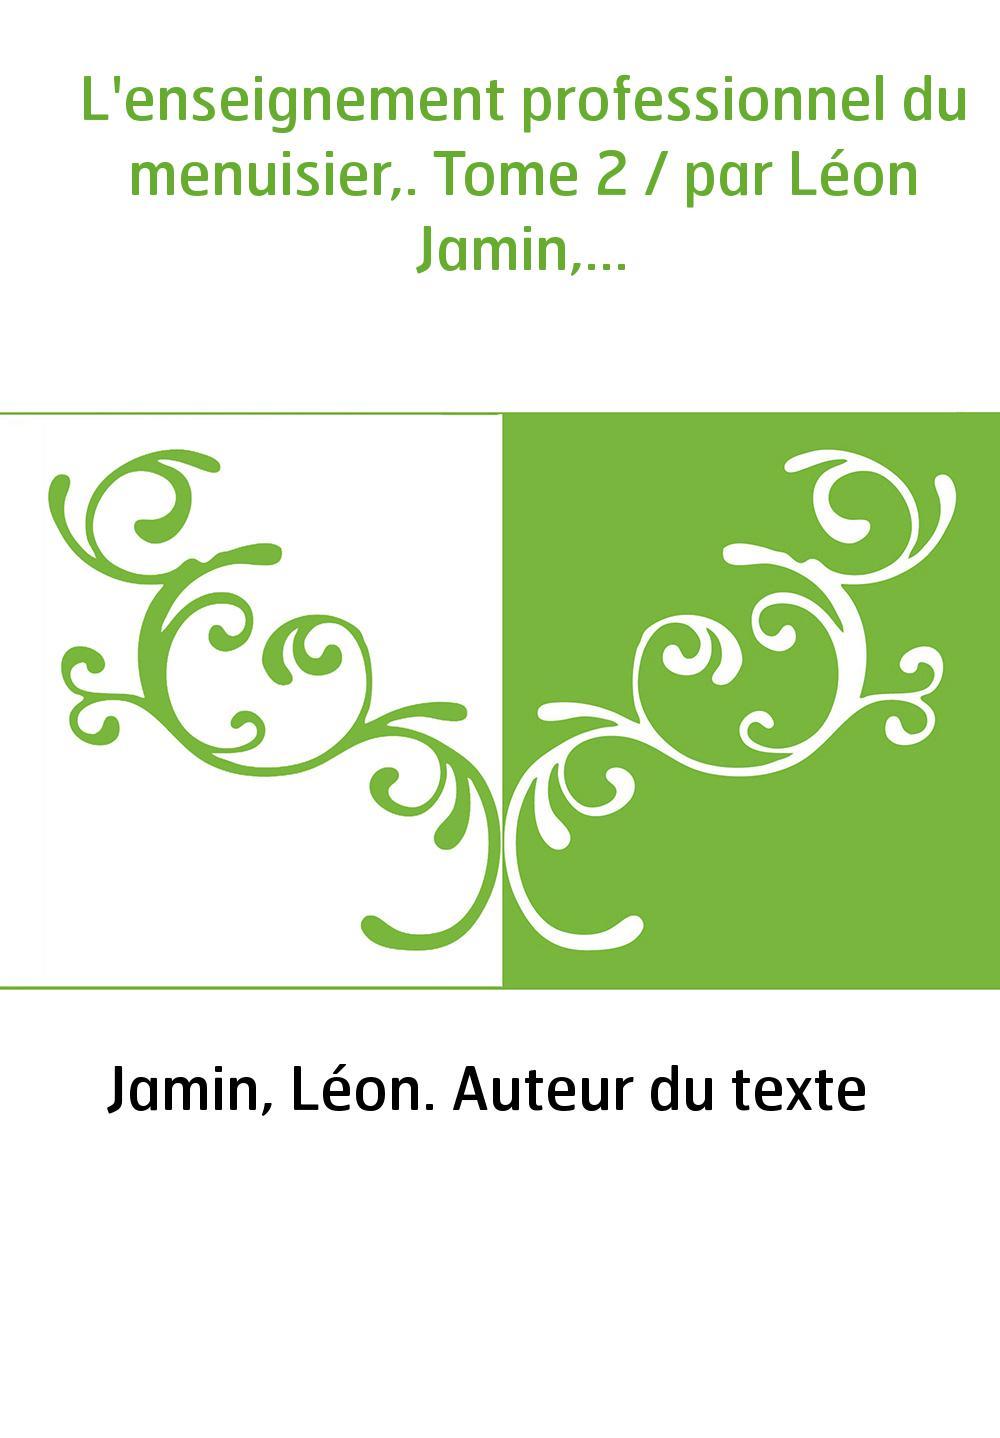 L'enseignement professionnel du menuisier,. Tome 2 / par Léon Jamin,...